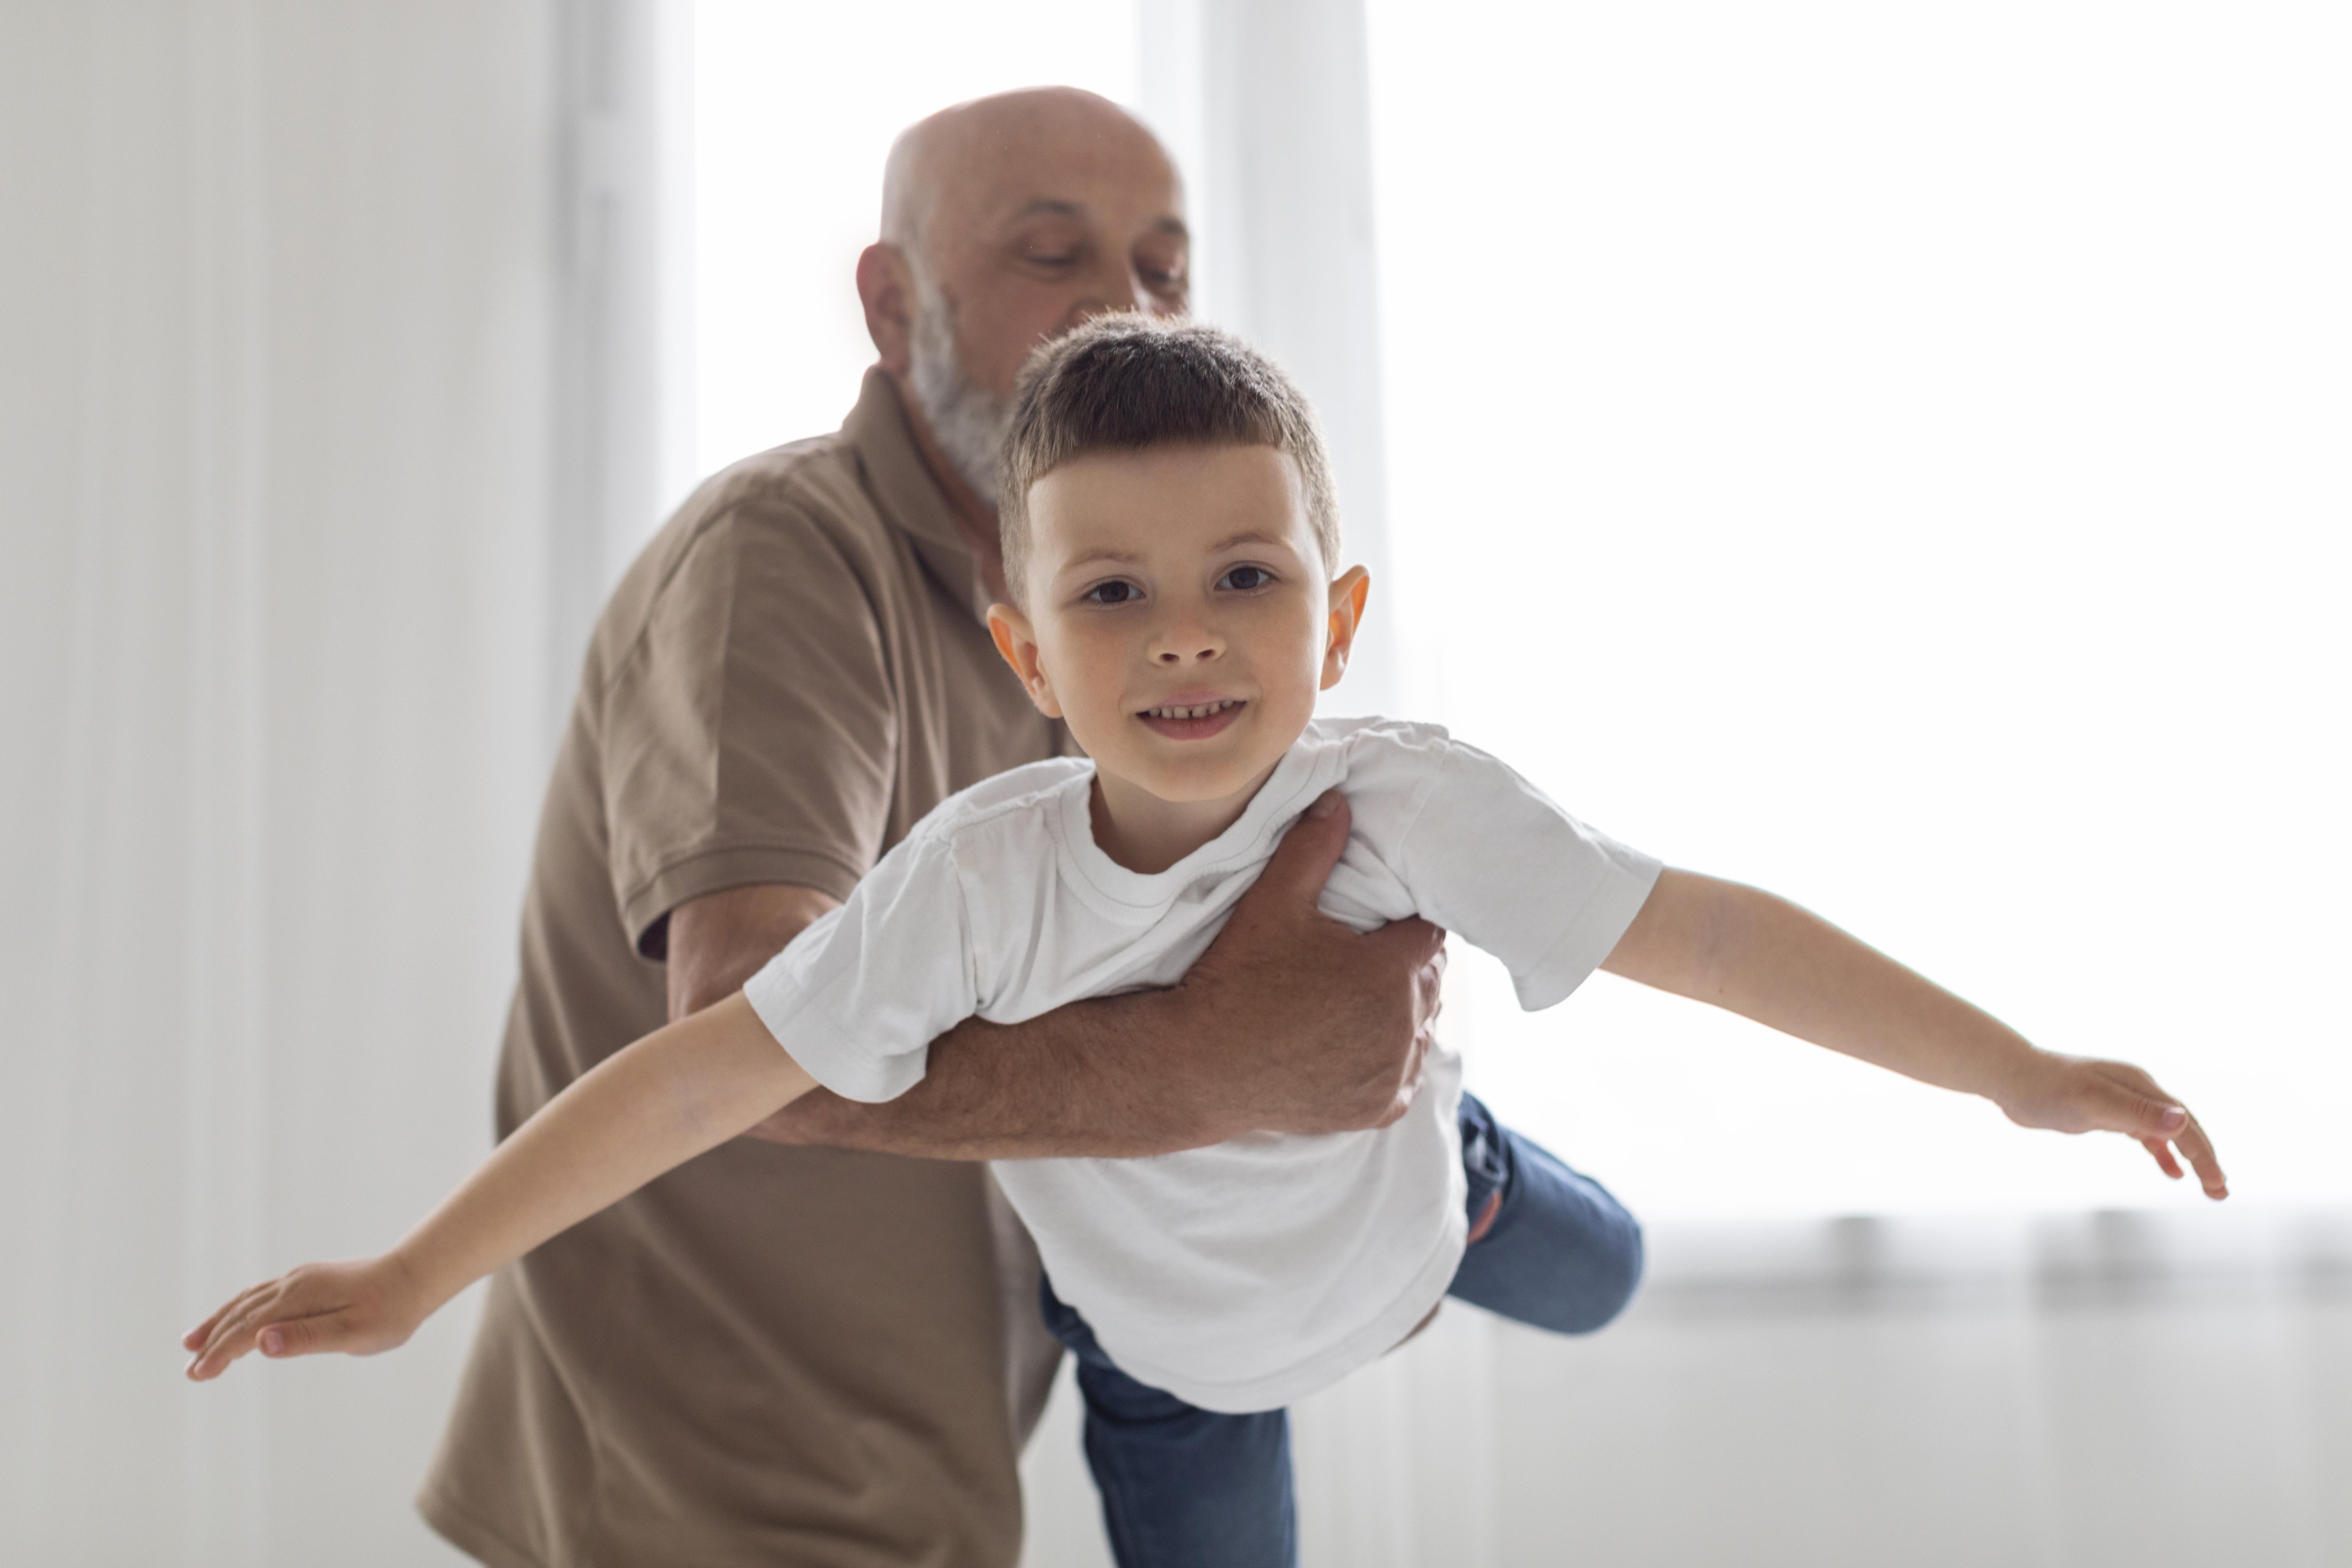 Padres a los 60: cuánto se multiplica el promedio de tiempo que se necesita para concebir